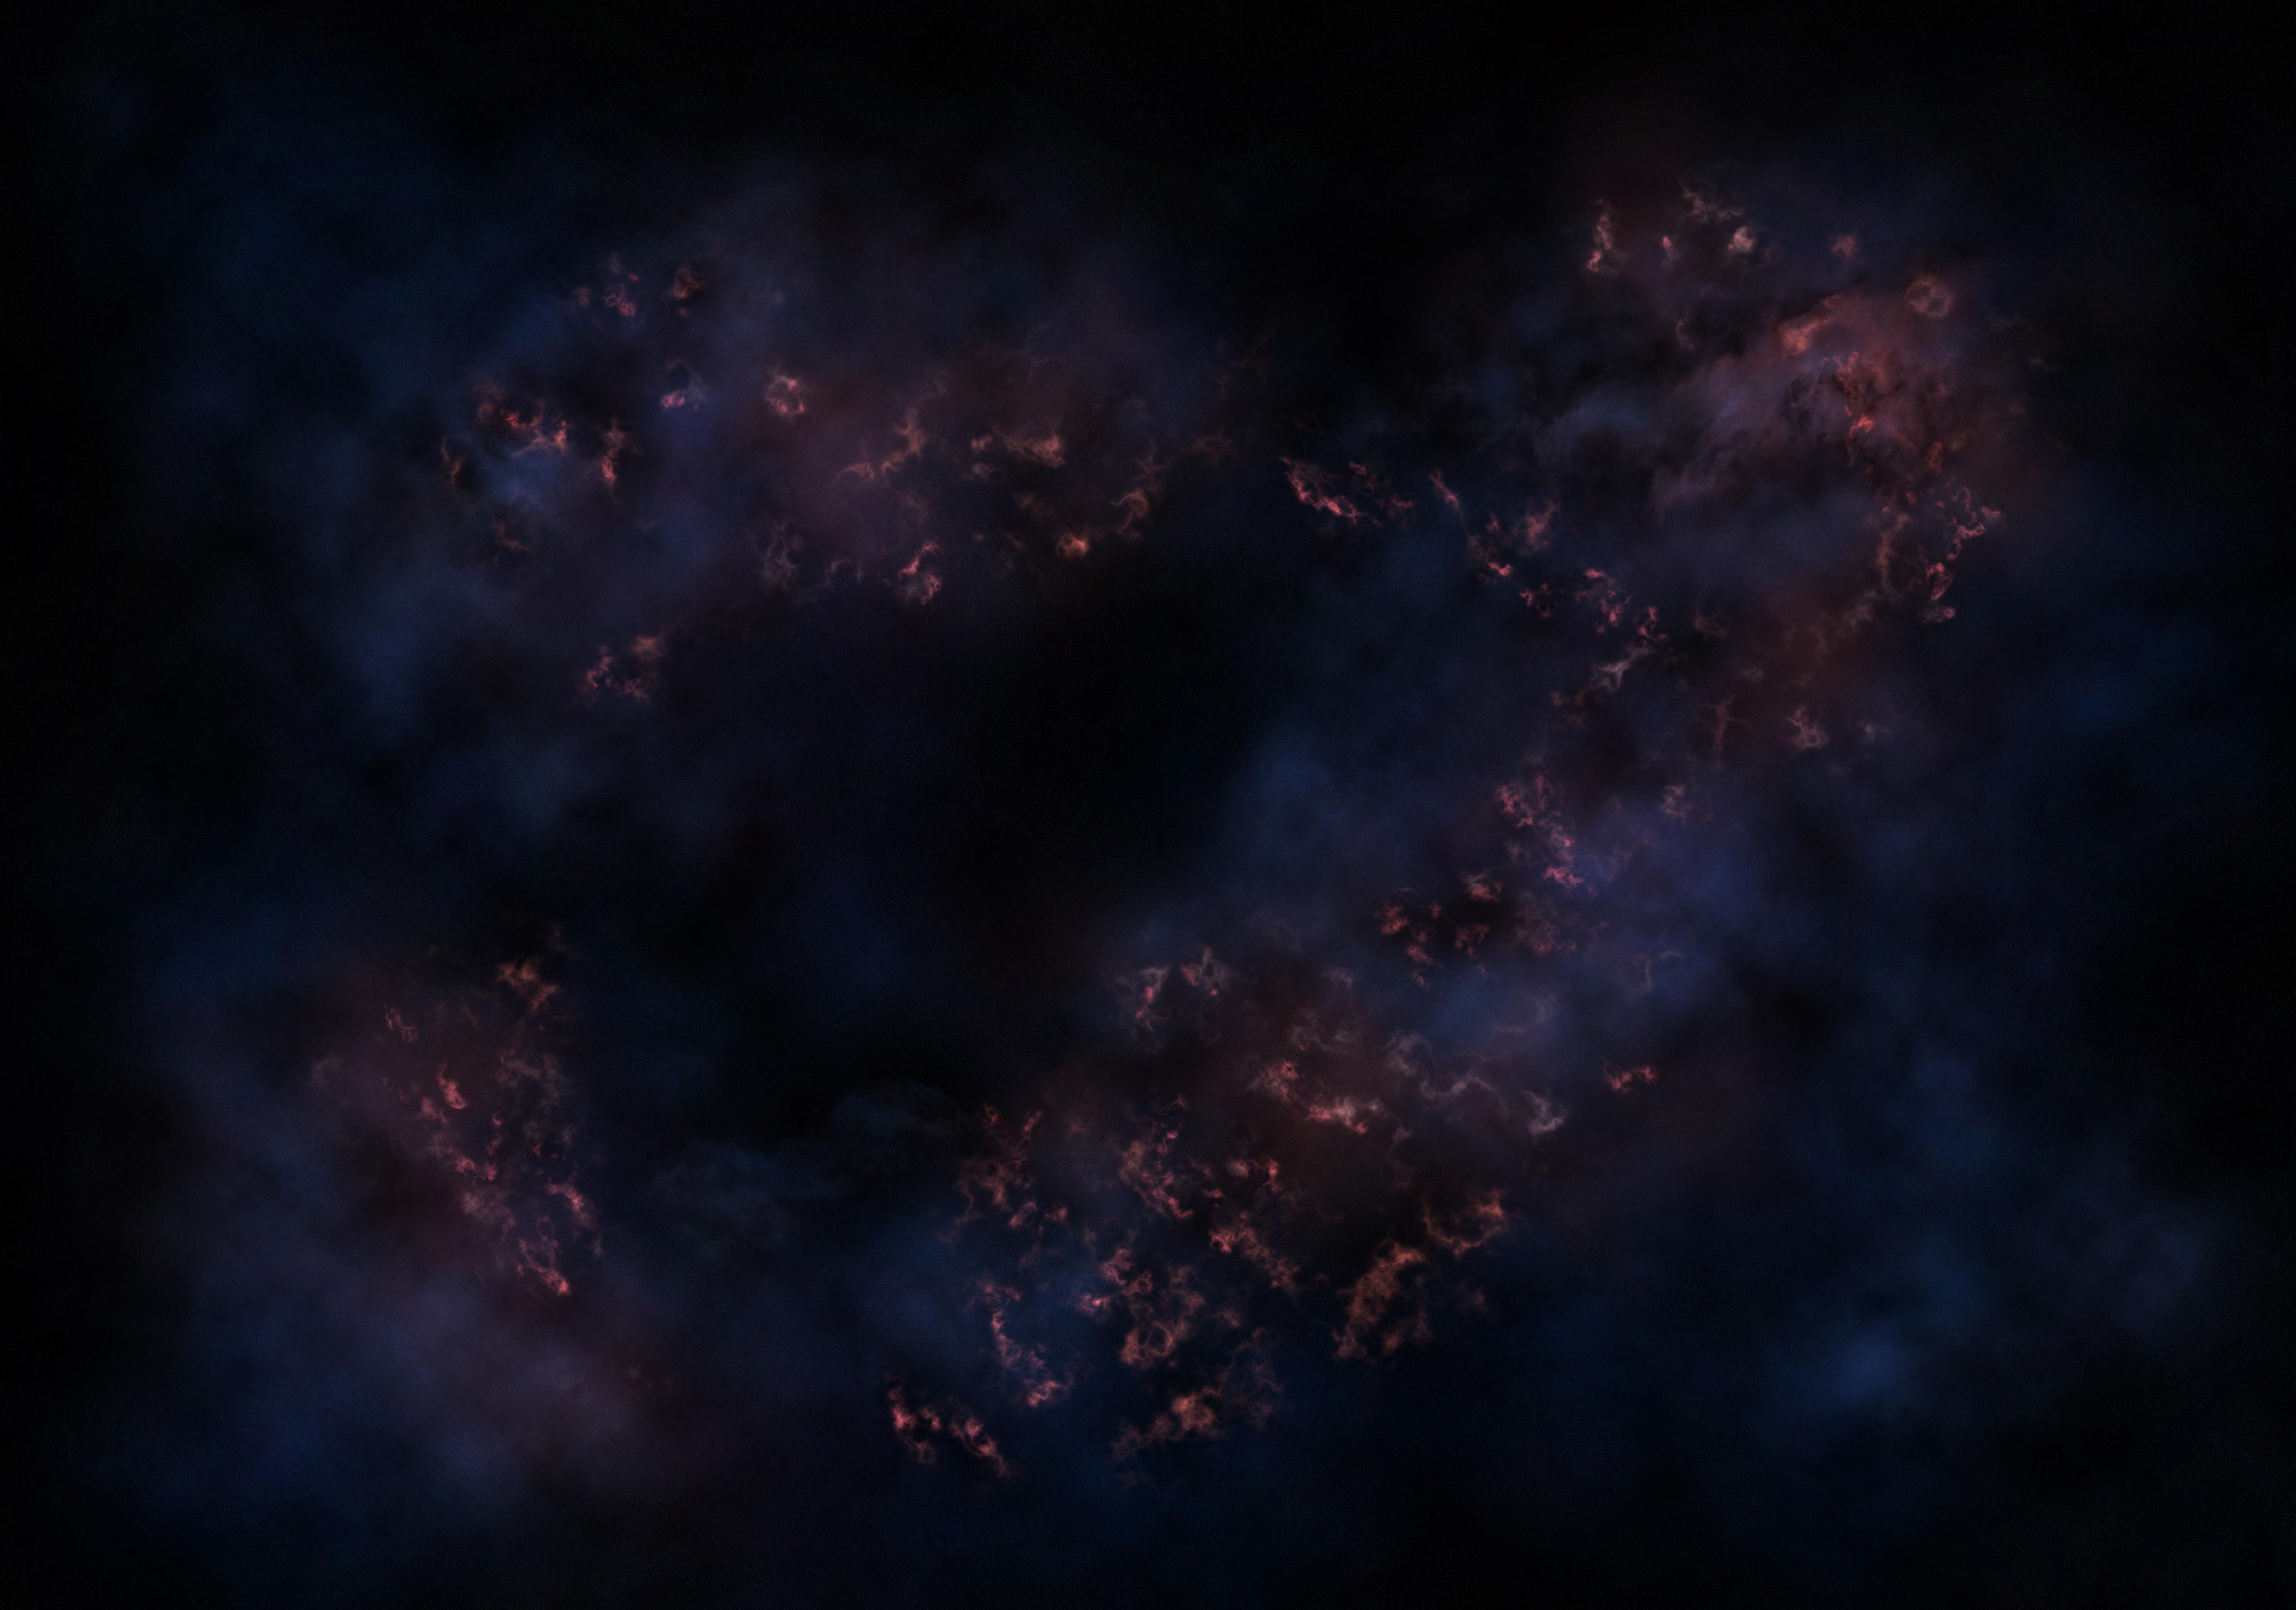 Nebula Skybox